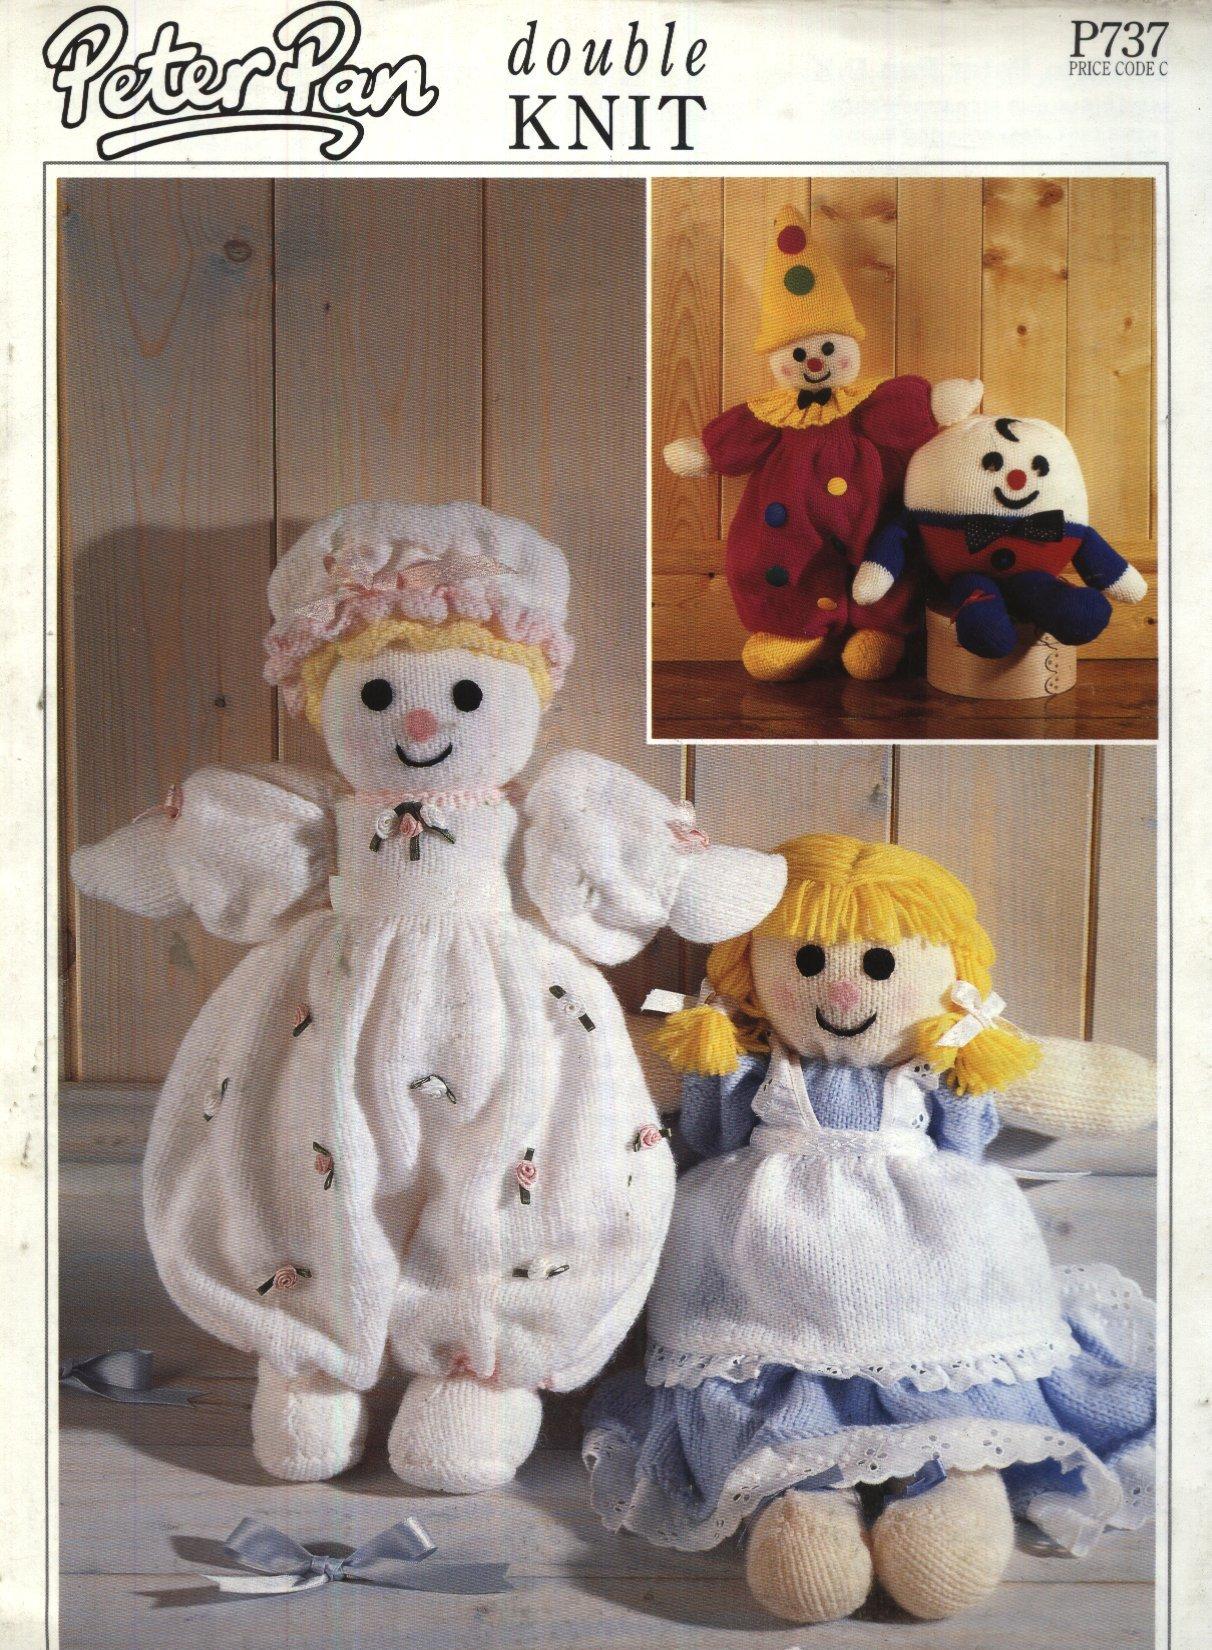 Clown /& Baby Doll Double Knit Knitting Pattern. Humpty Dumpty Alice Doll